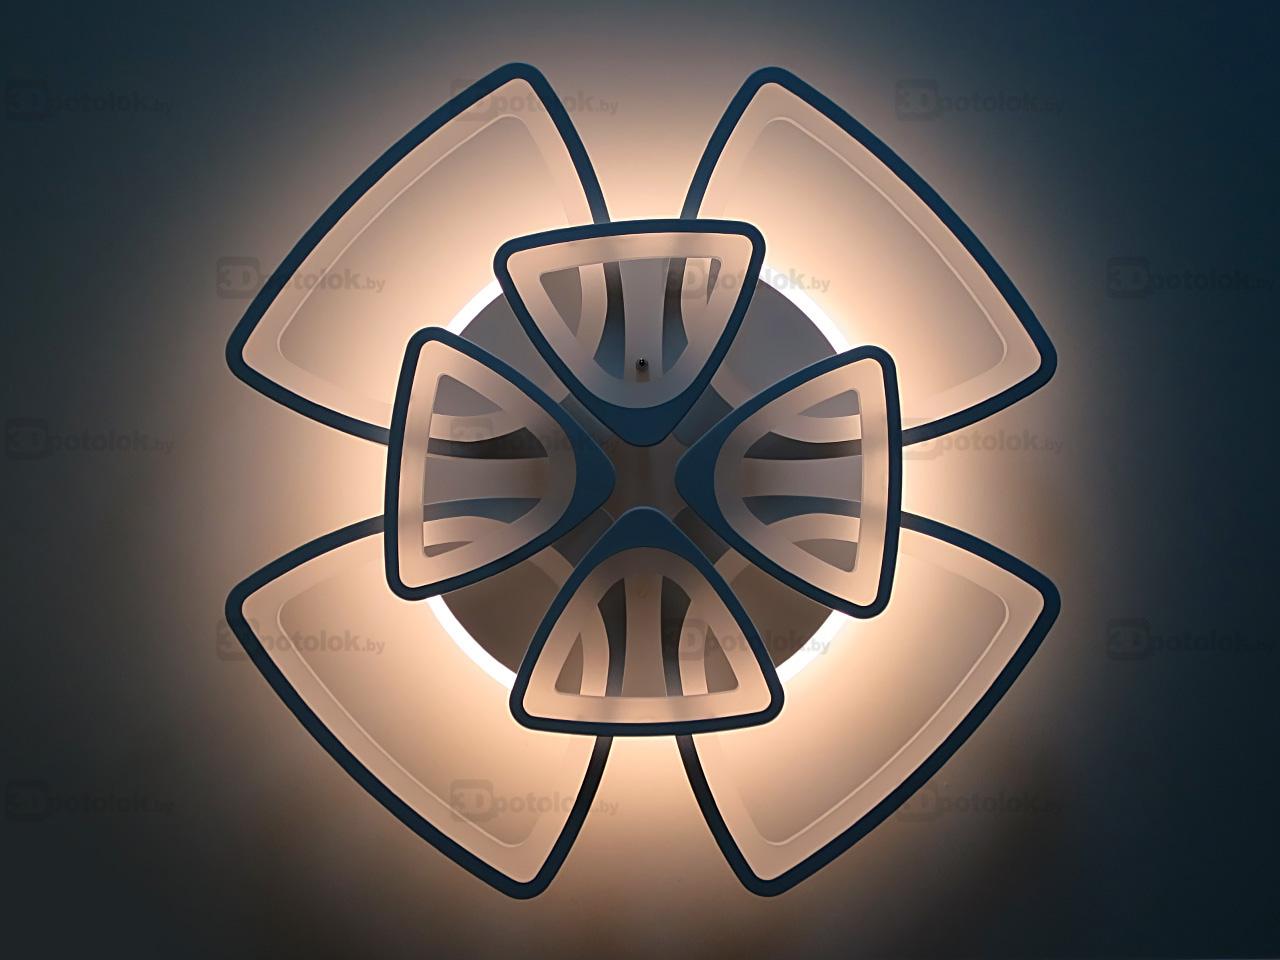 10006_44-WHTBLYL_11_лого